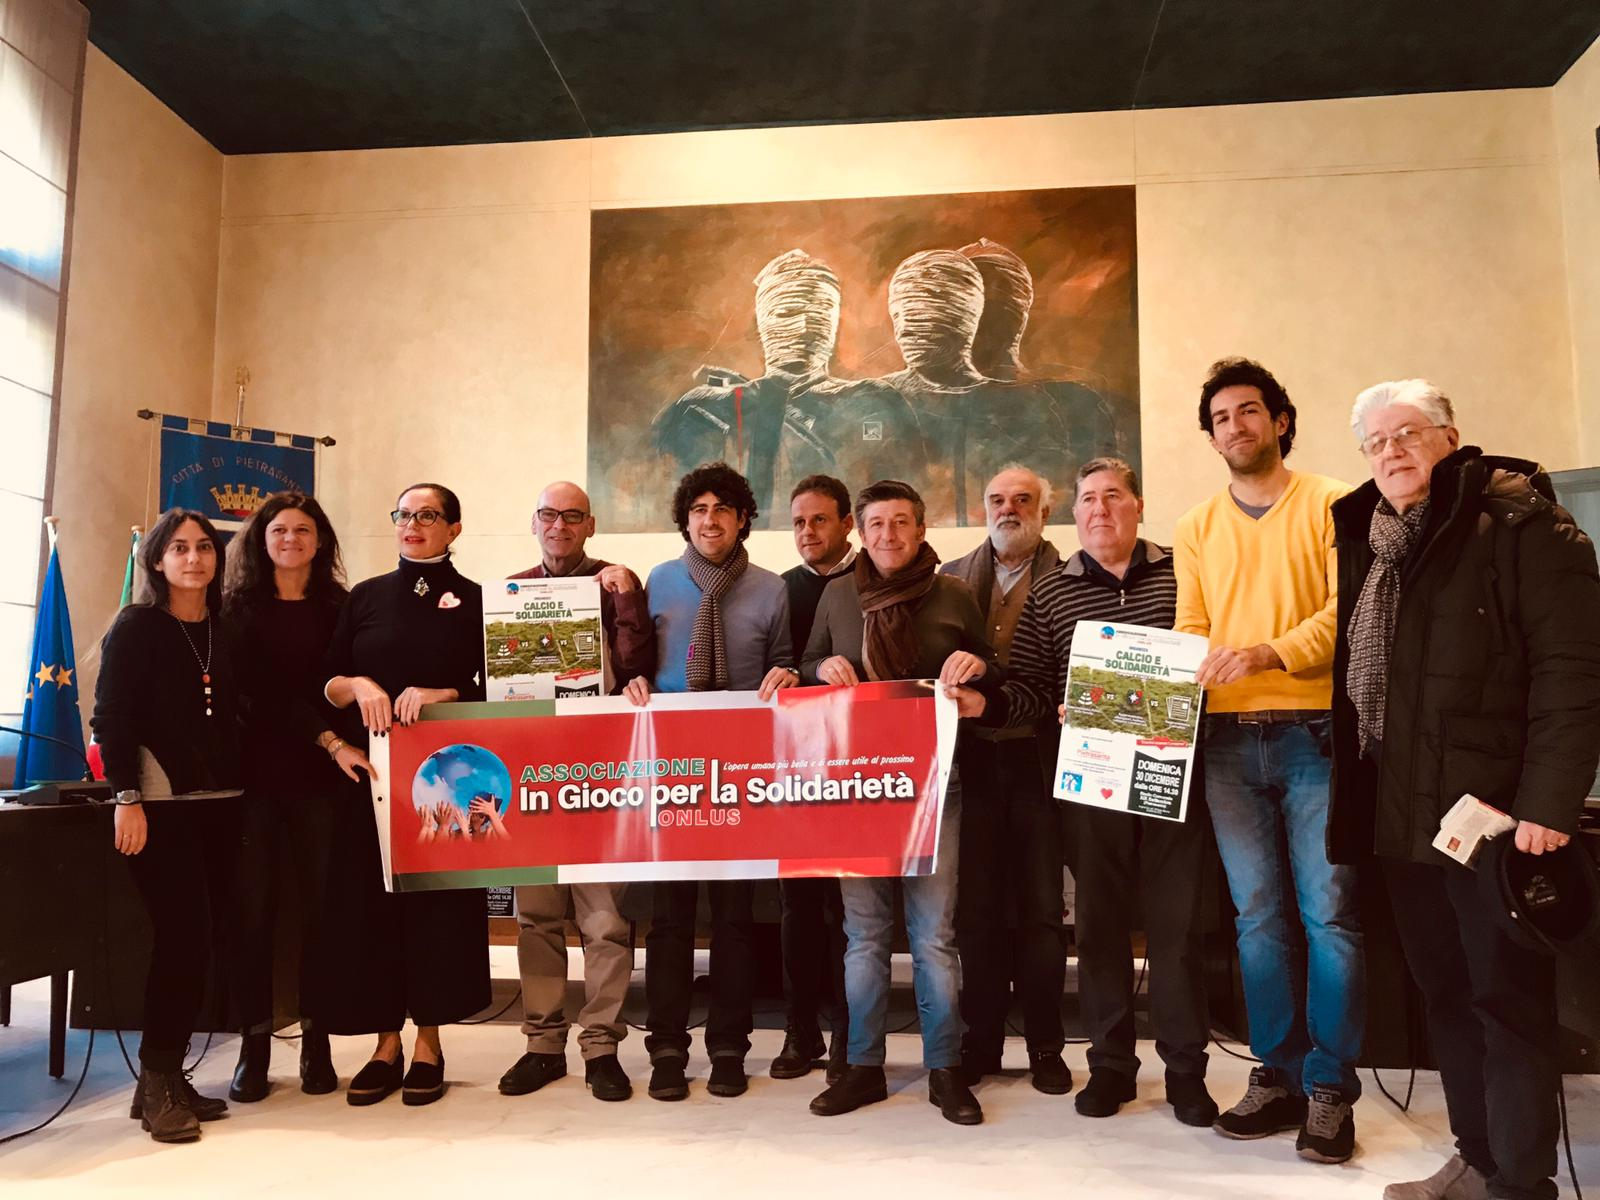 Calcio e solidarietà allo stadio comunale di Pietrasanta